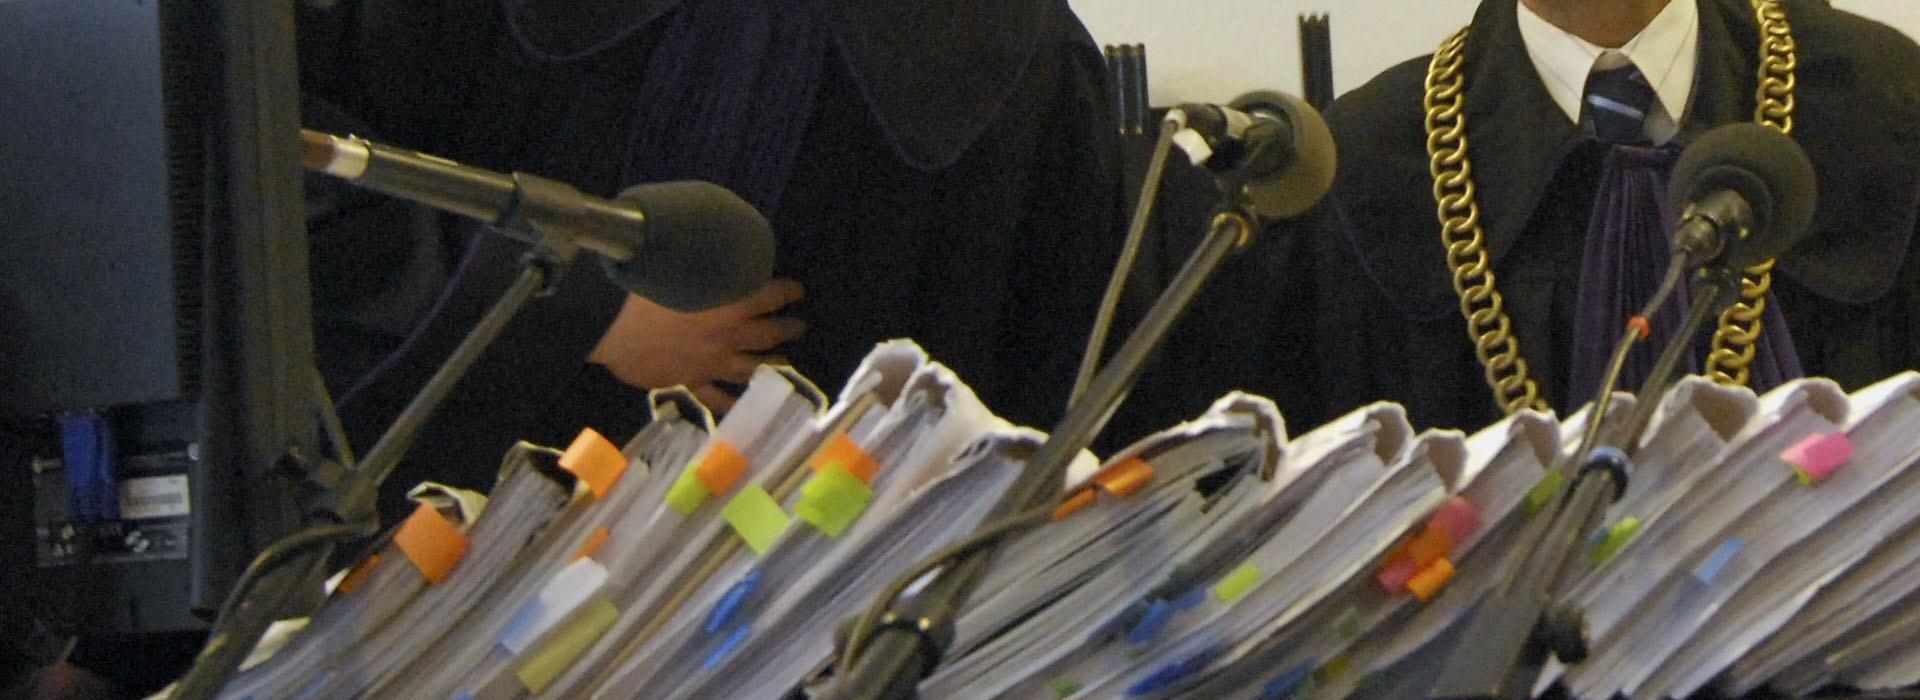 Dr Paweł Kowalski: Podważenie naszego systemu prawnego może być katastrofą